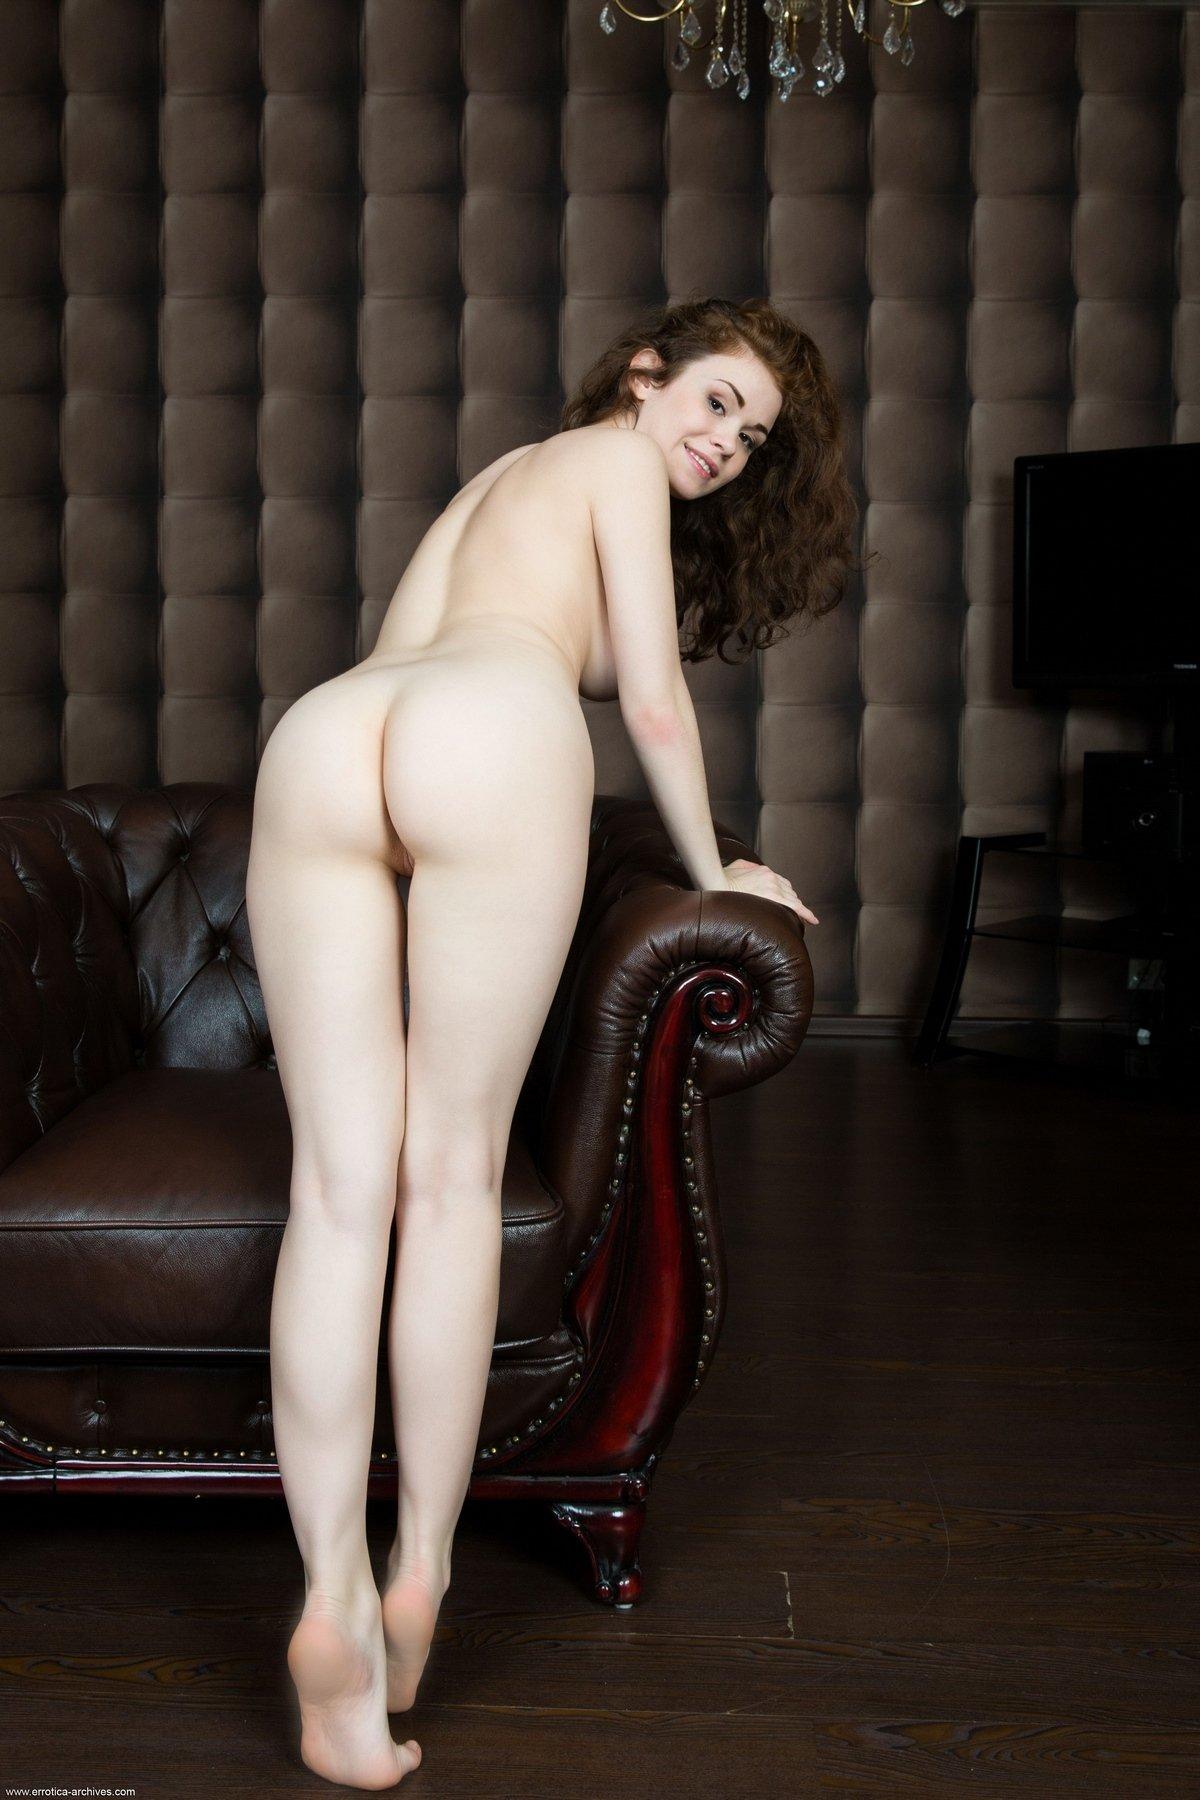 Голая молодая женщина в кожаном кресле